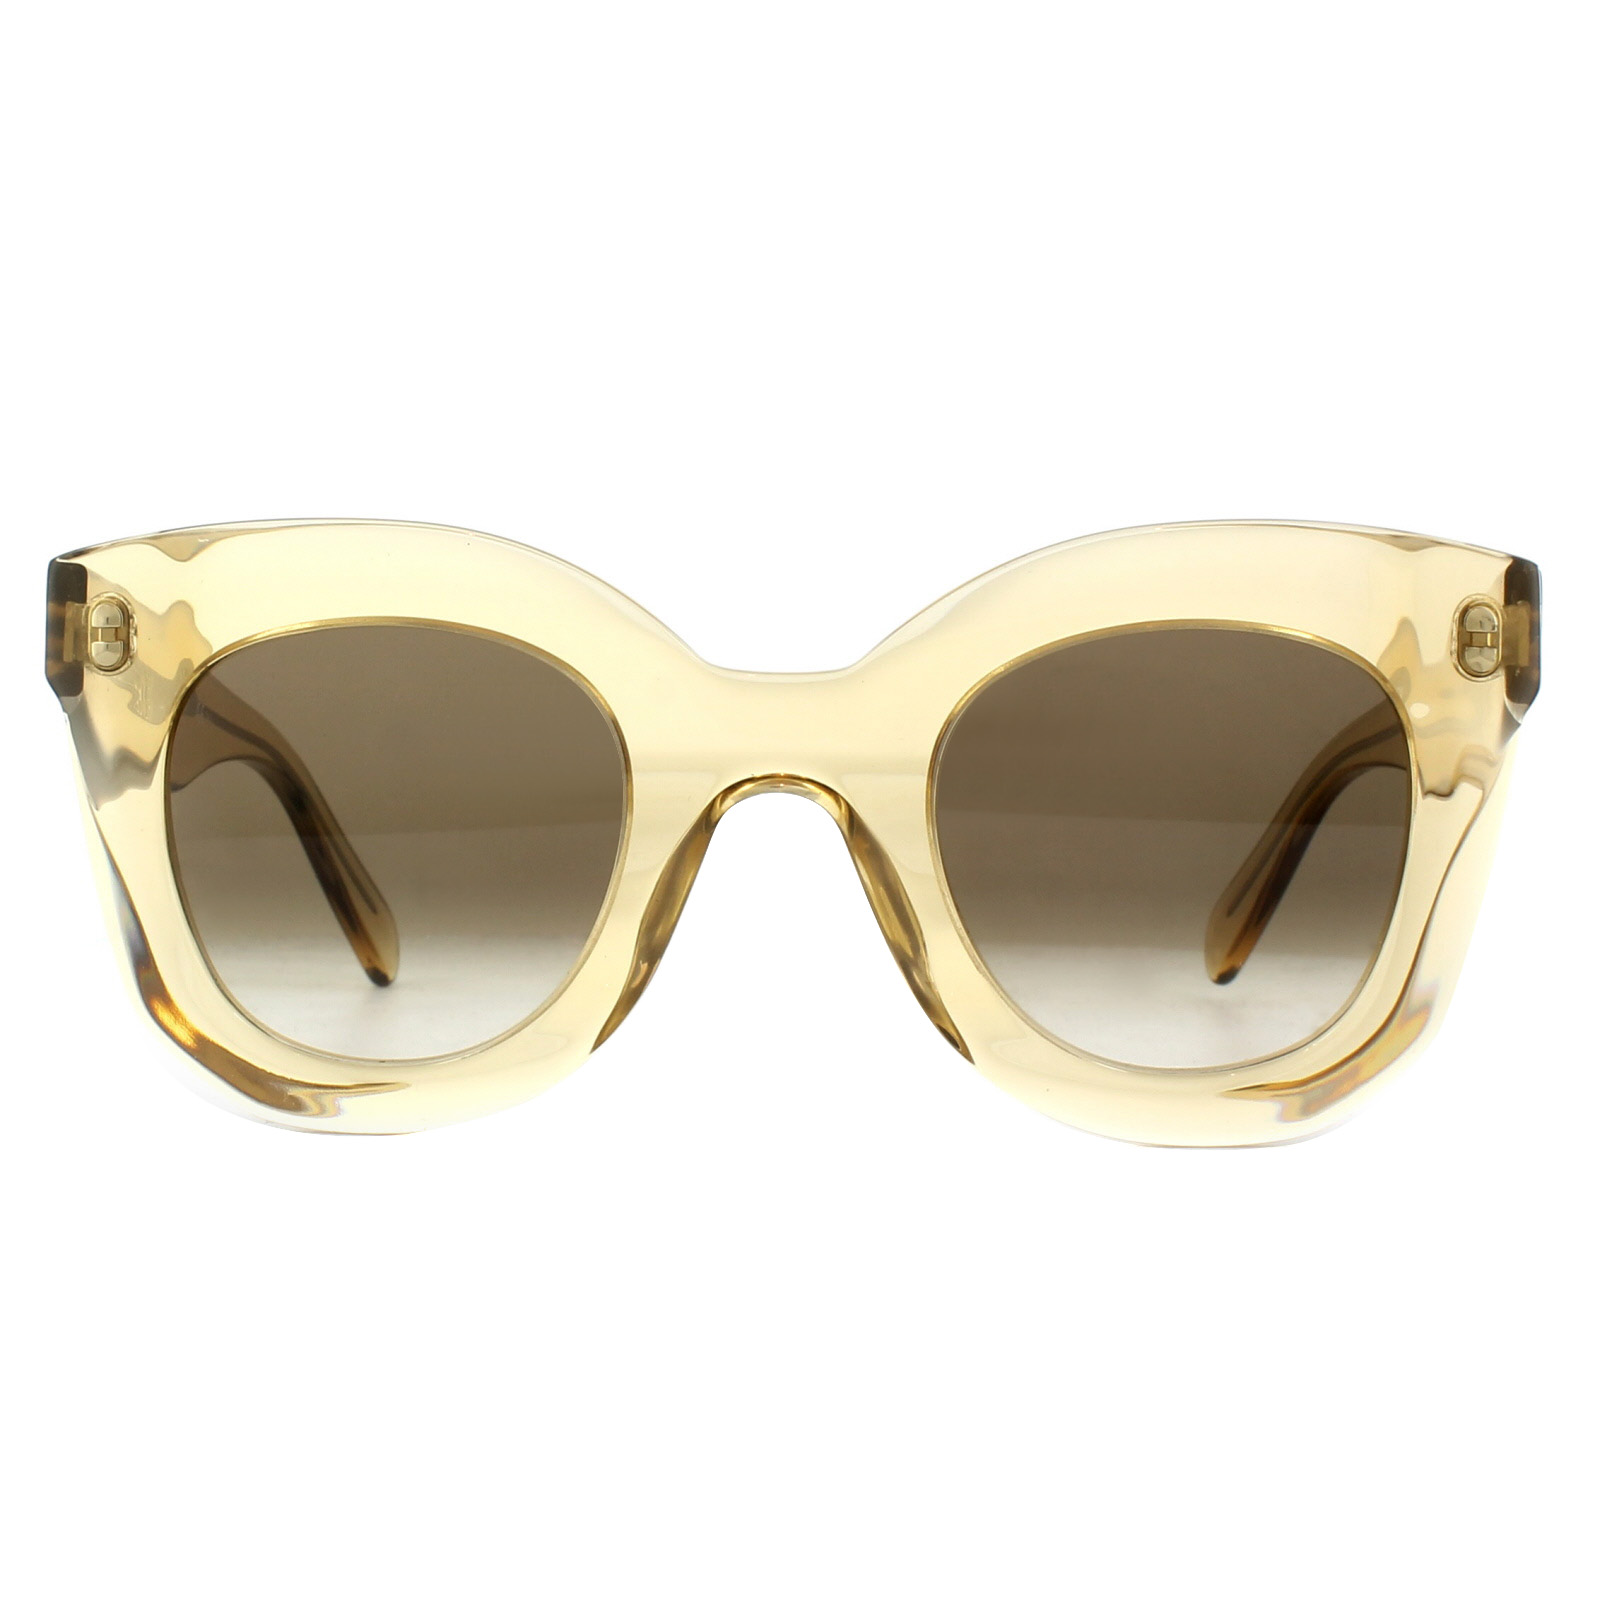 2e334799e3b Sentinel Celine Sunglasses 41393 S Baby Marta HAM X9 Clear Champagne Brown  Gradient